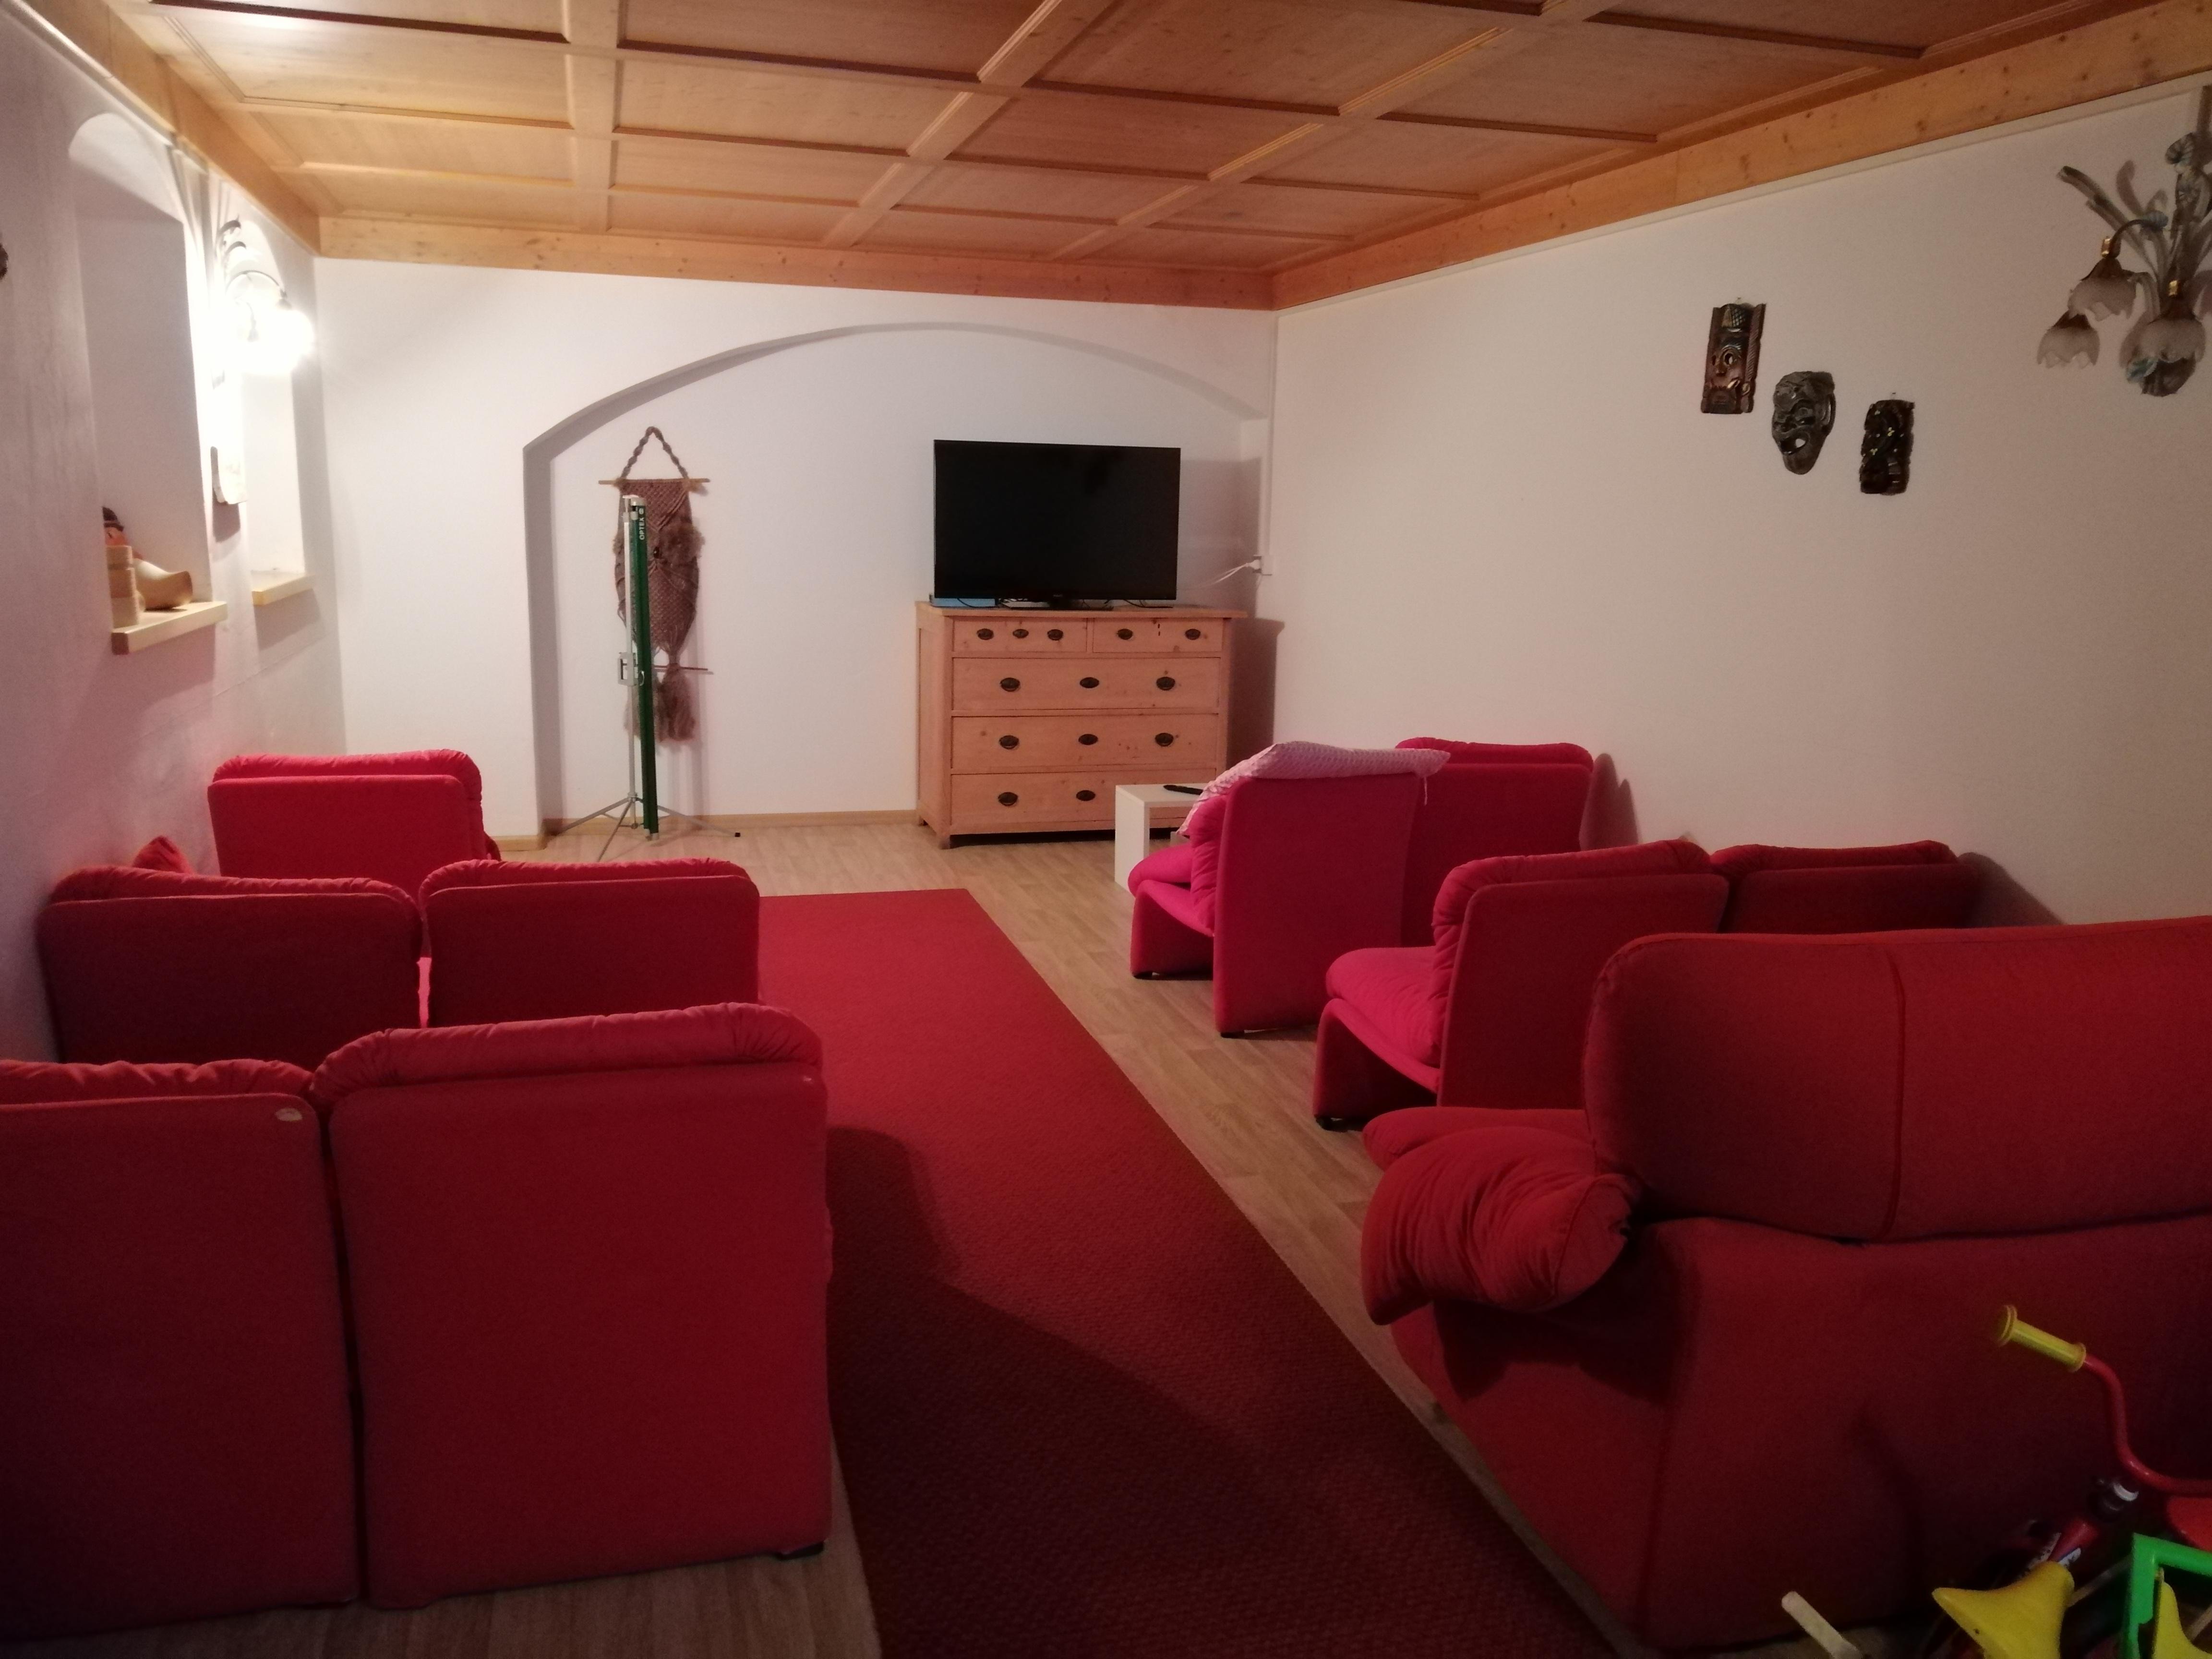 Hotel Sassleng sala cinema